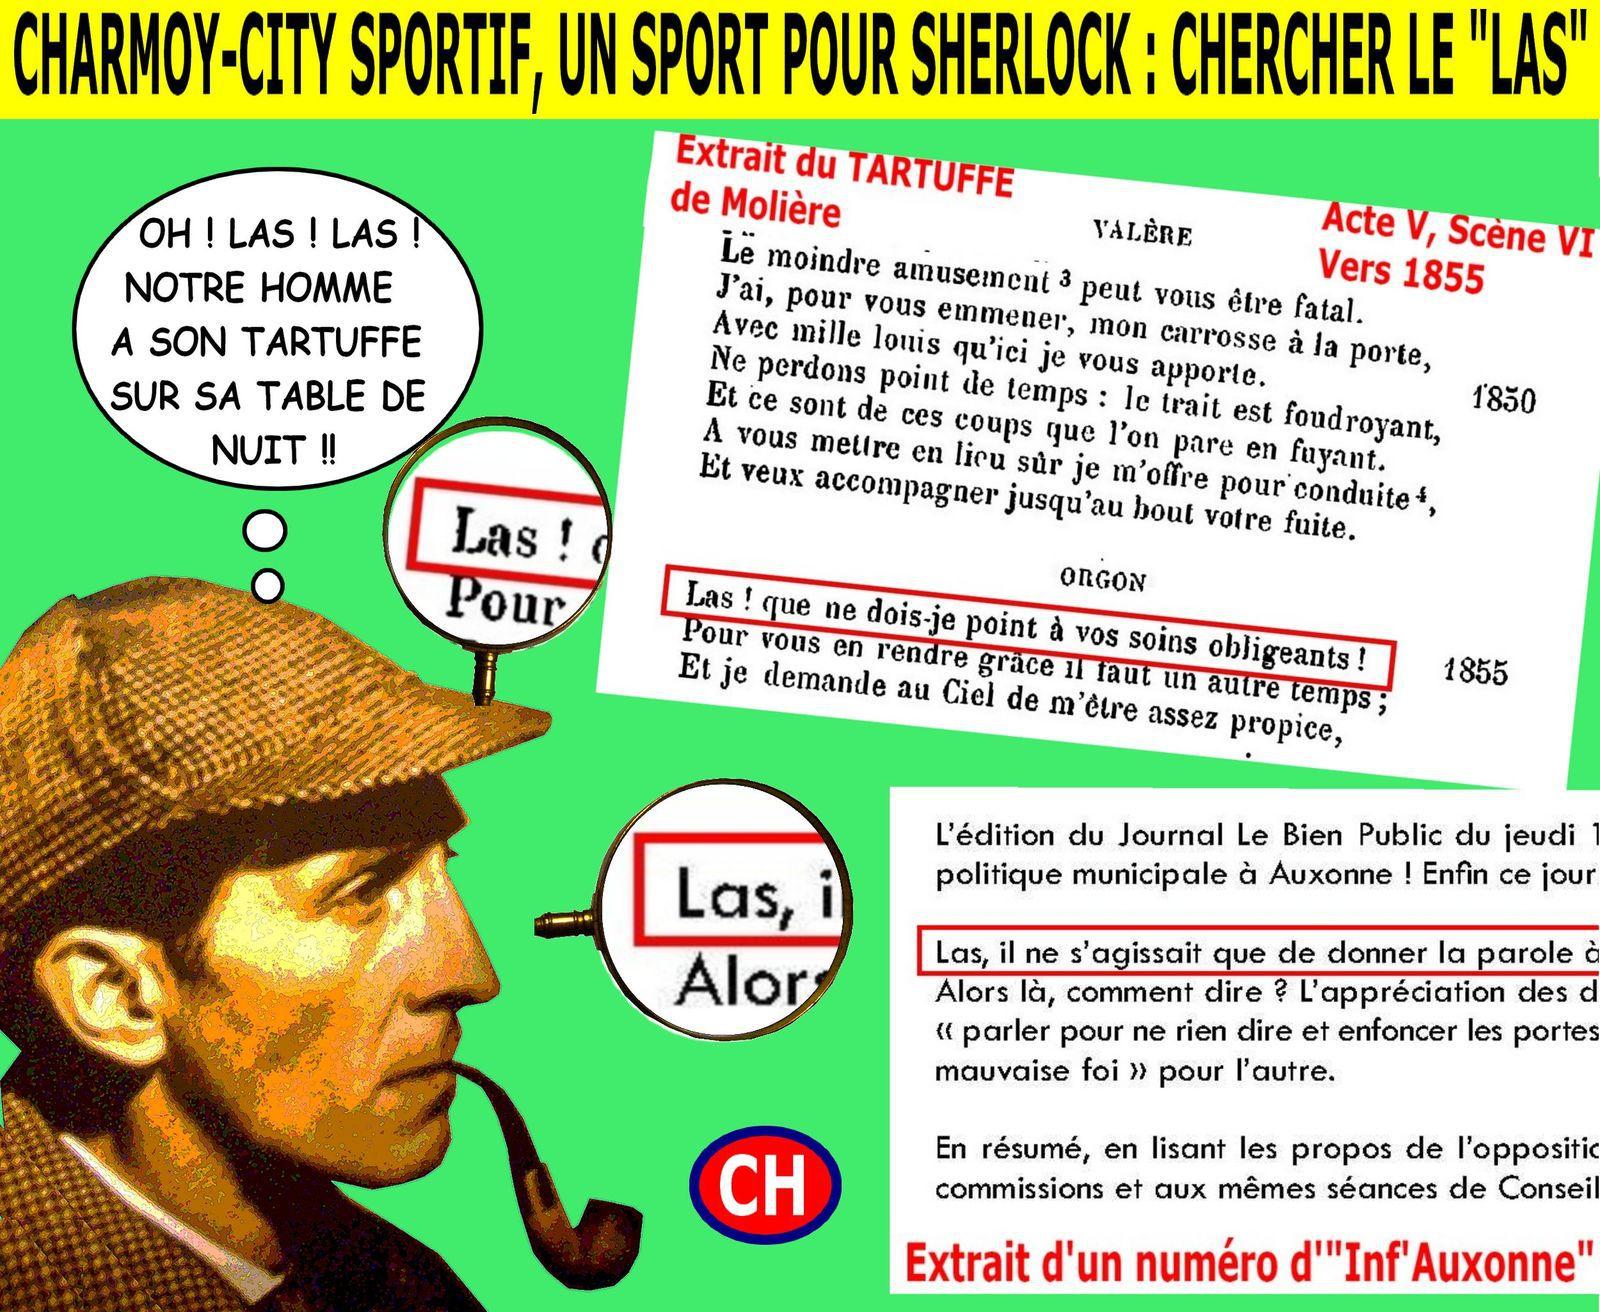 Charmoy-City sportif, un sport pour Sherlock, chercher le las.jpg